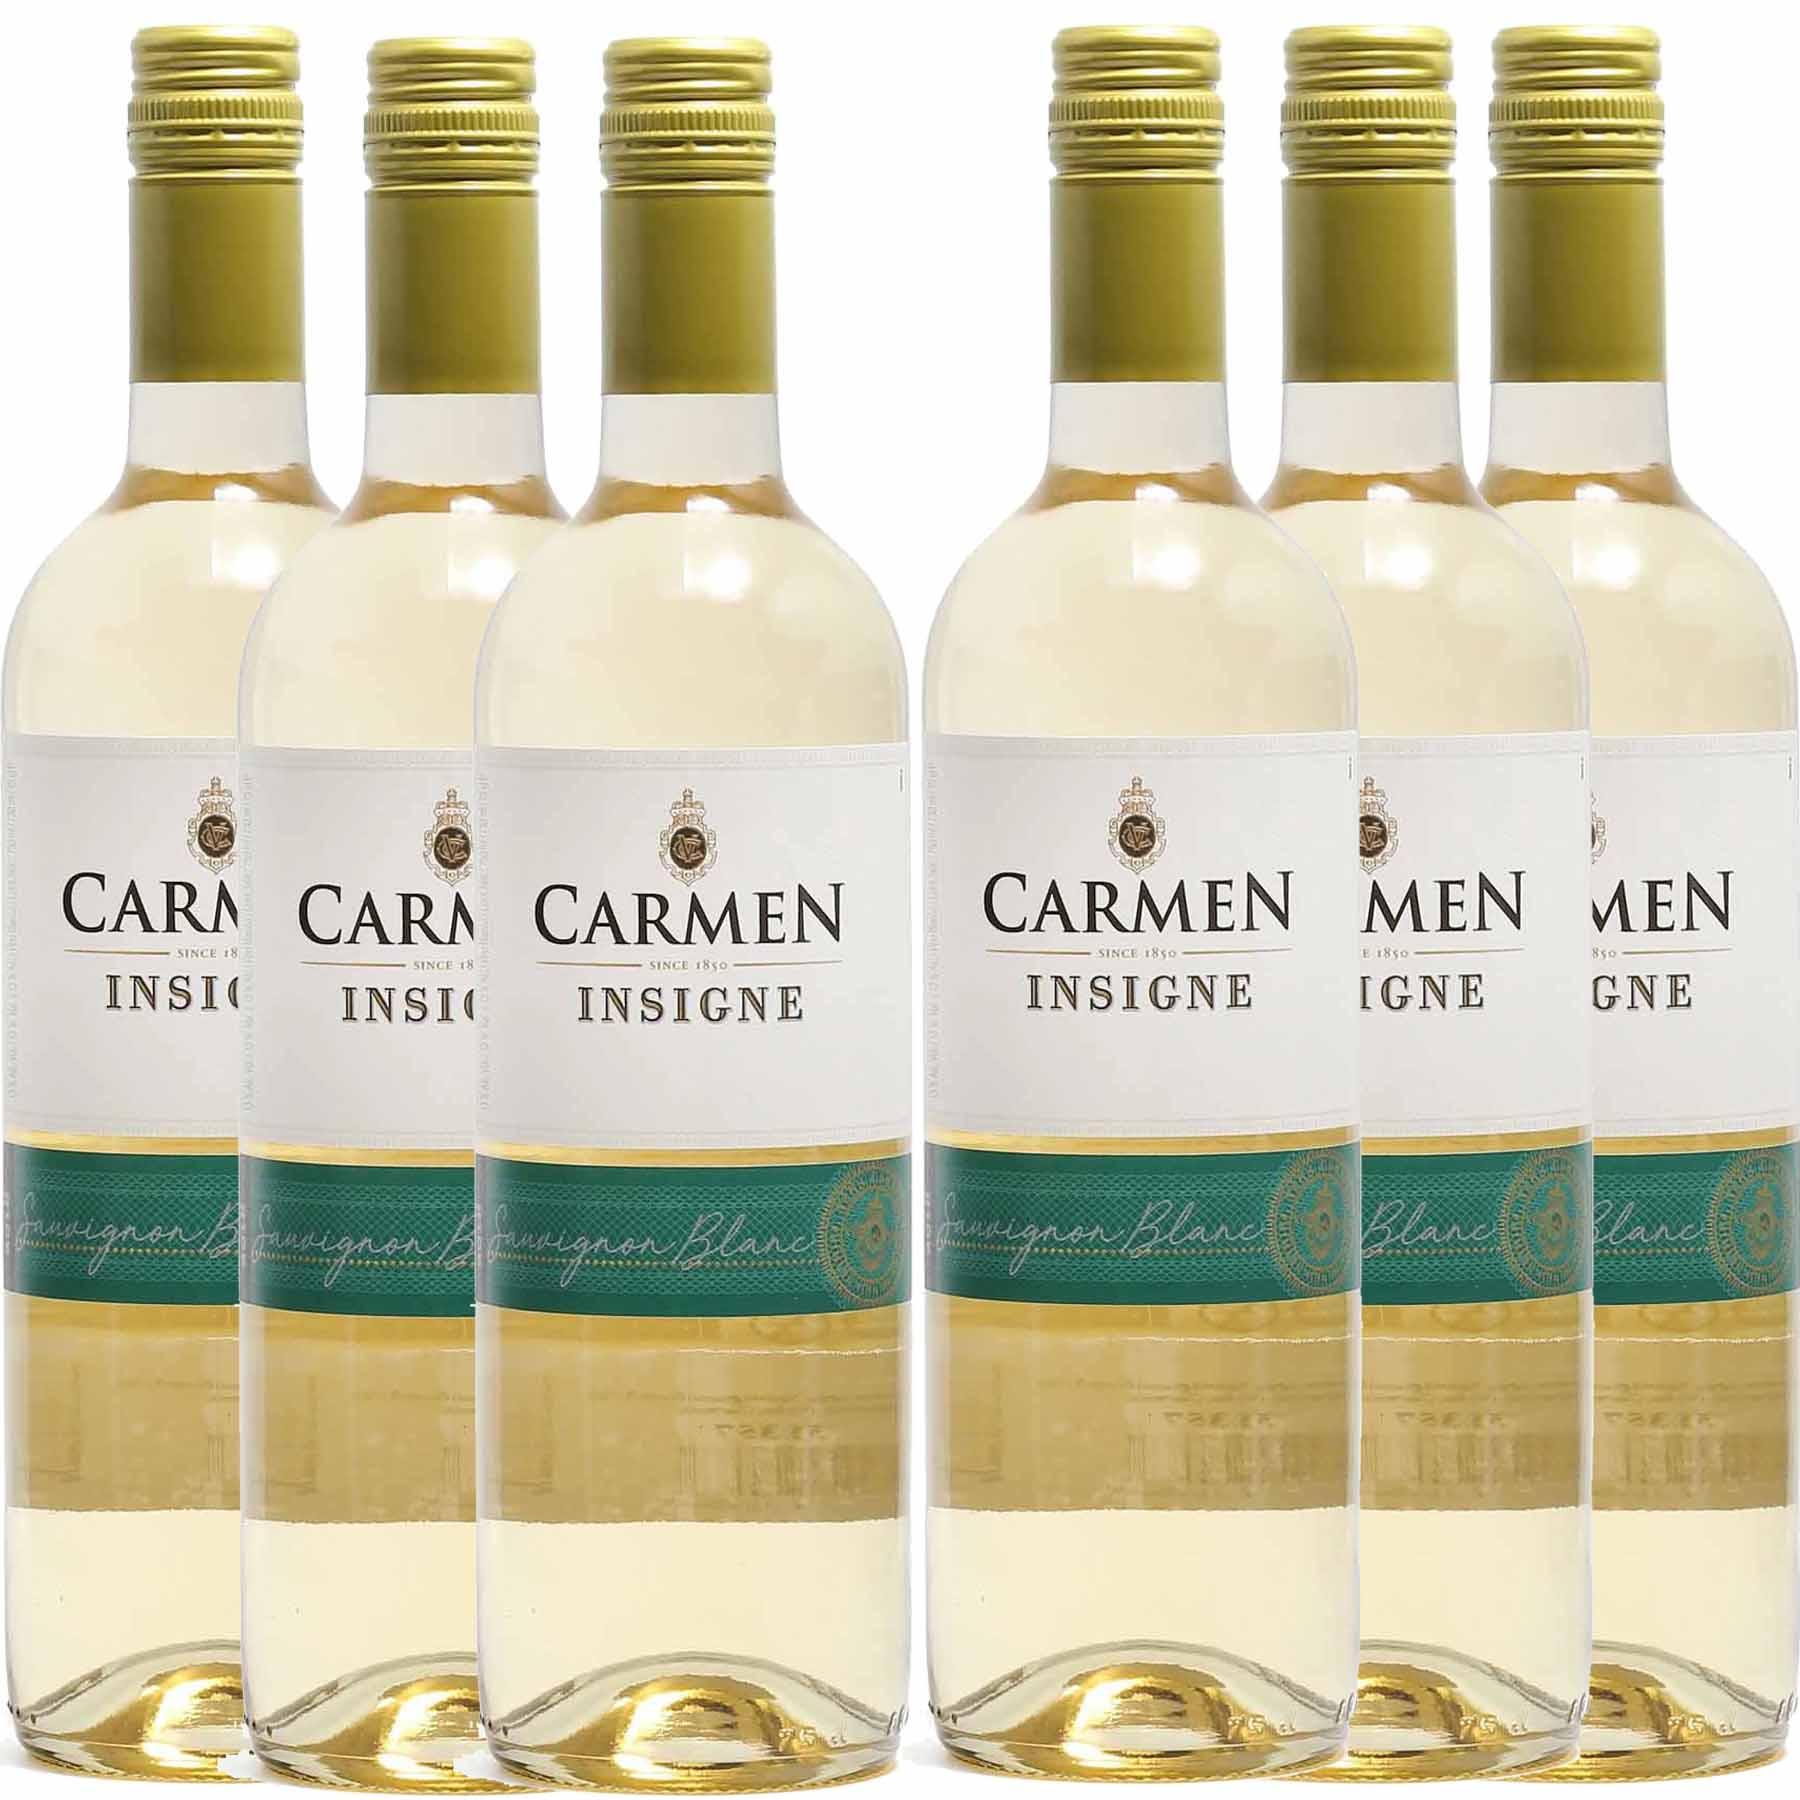 Kit 6x Vinho Branco Chileno Carmen Insigne Sauvignon Blanc 2018 750ml